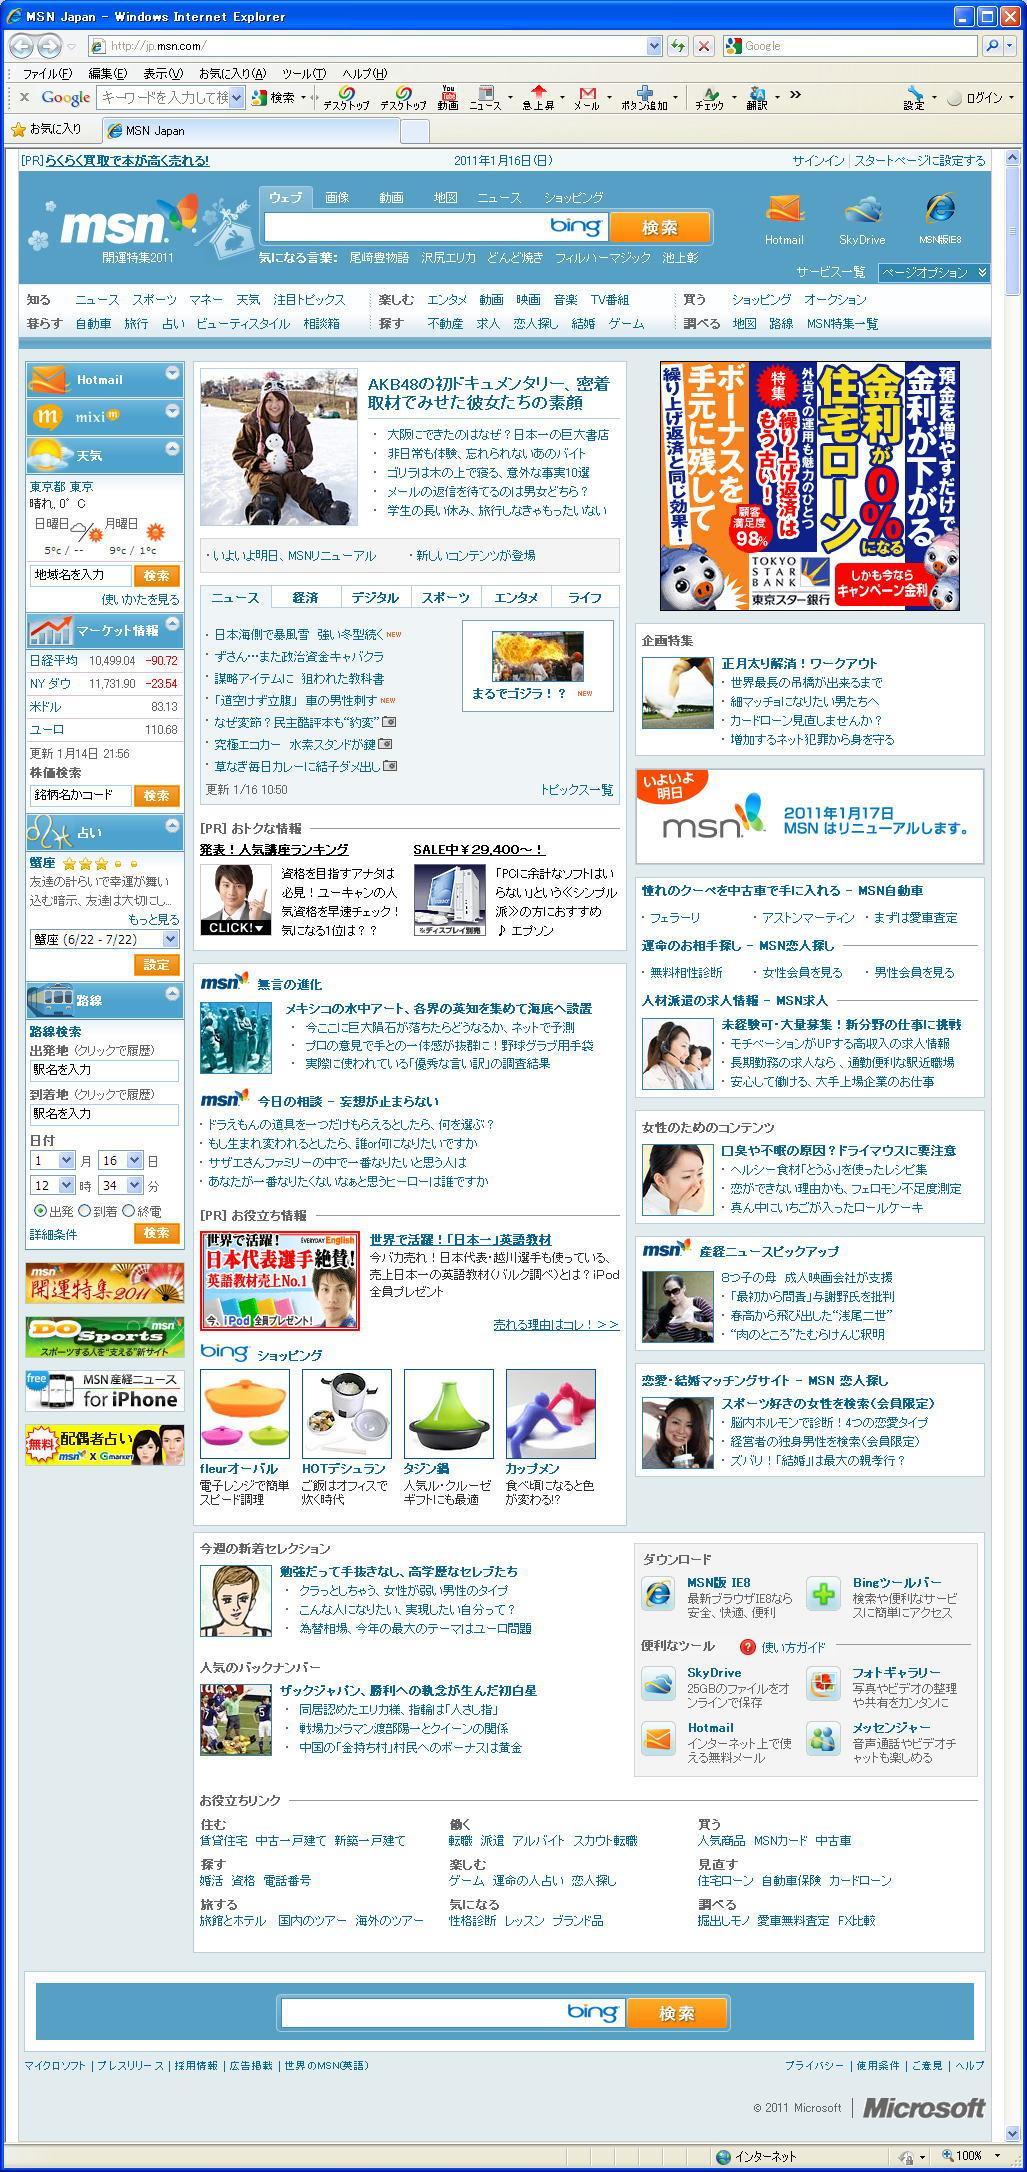 2011年1月16日までのMSNホームページ